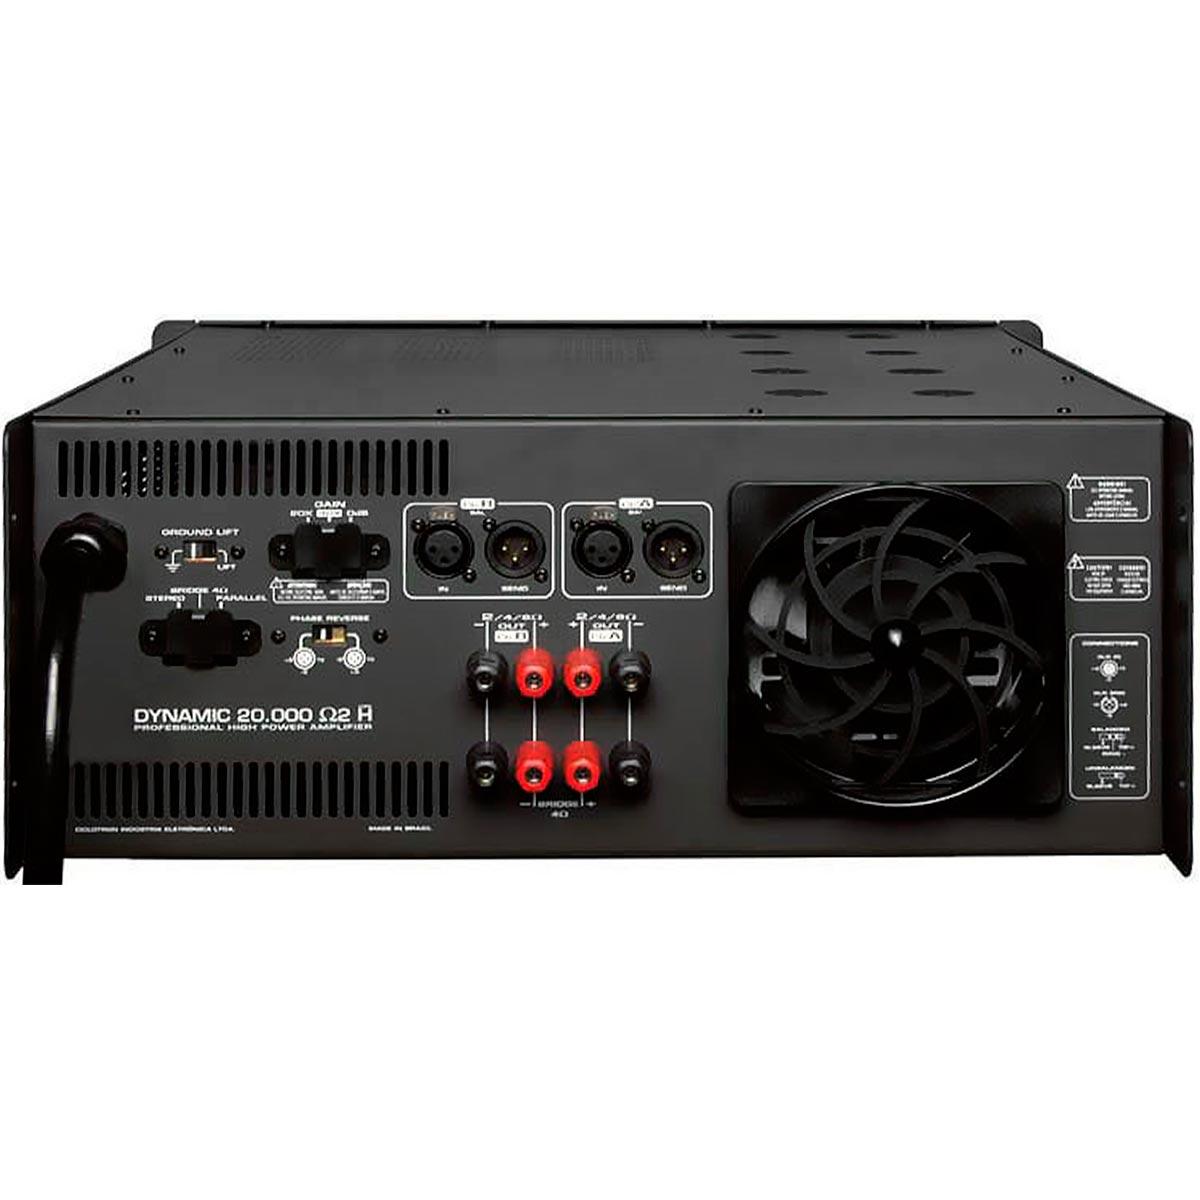 Dynamic20000 - Amplificador Estéreo 2 Canais 5000W Dynamic 20000 - Ciclotron